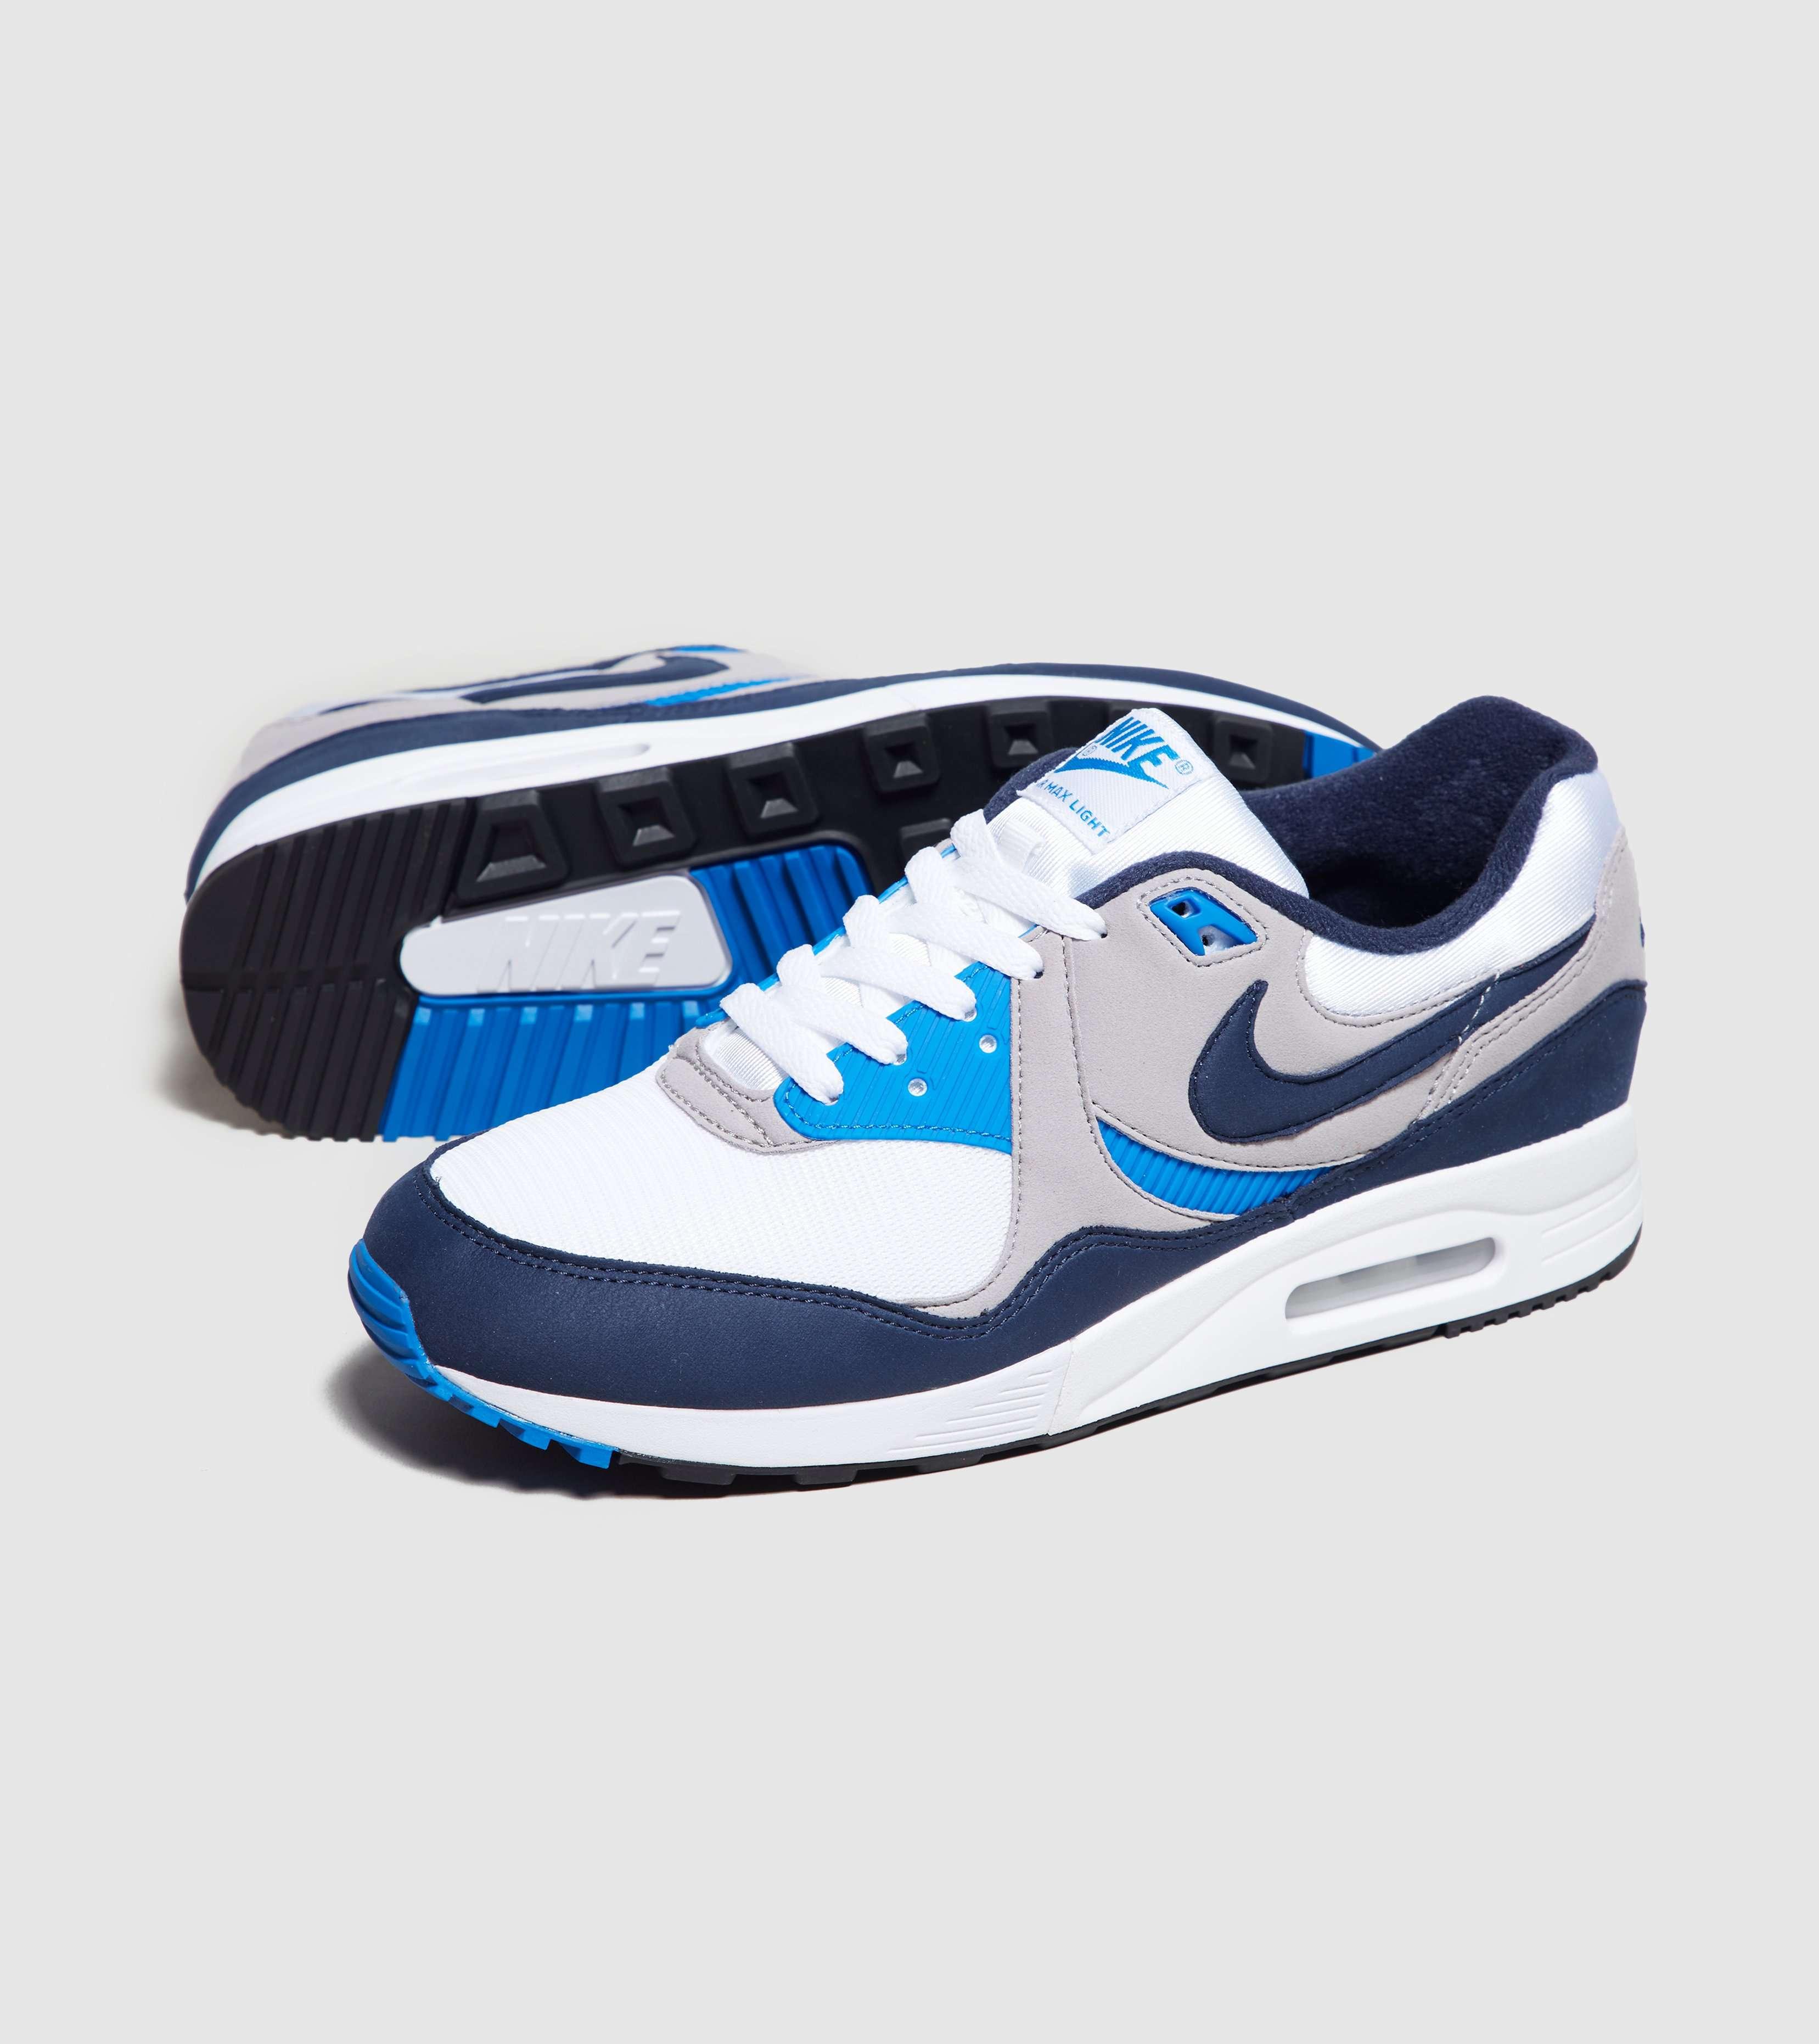 Nike Air Max Light OG